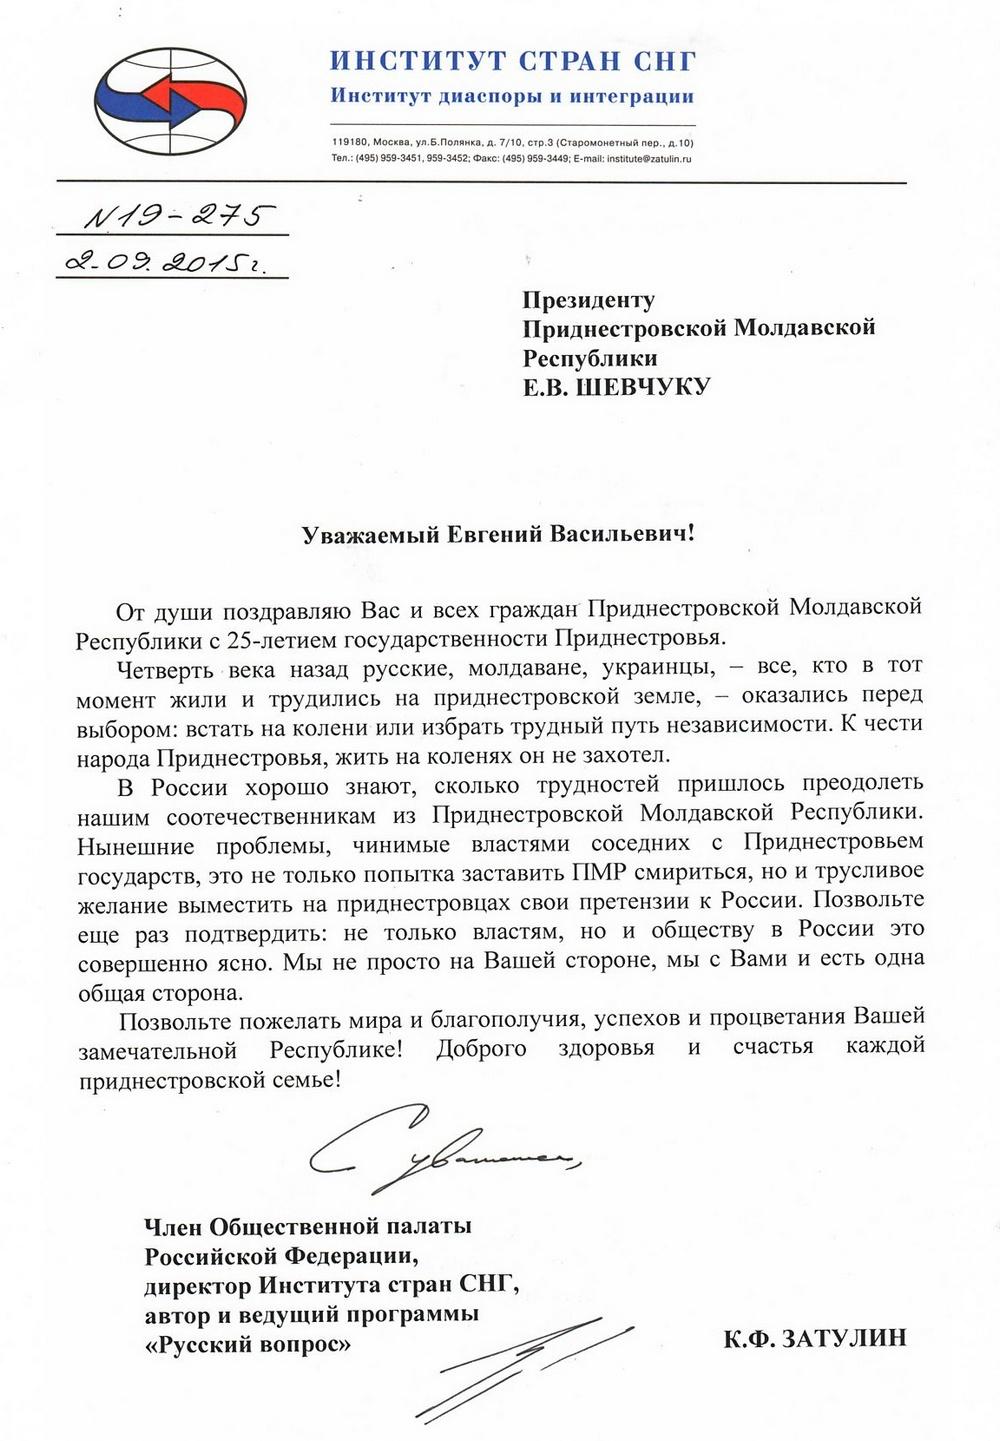 shevchuku